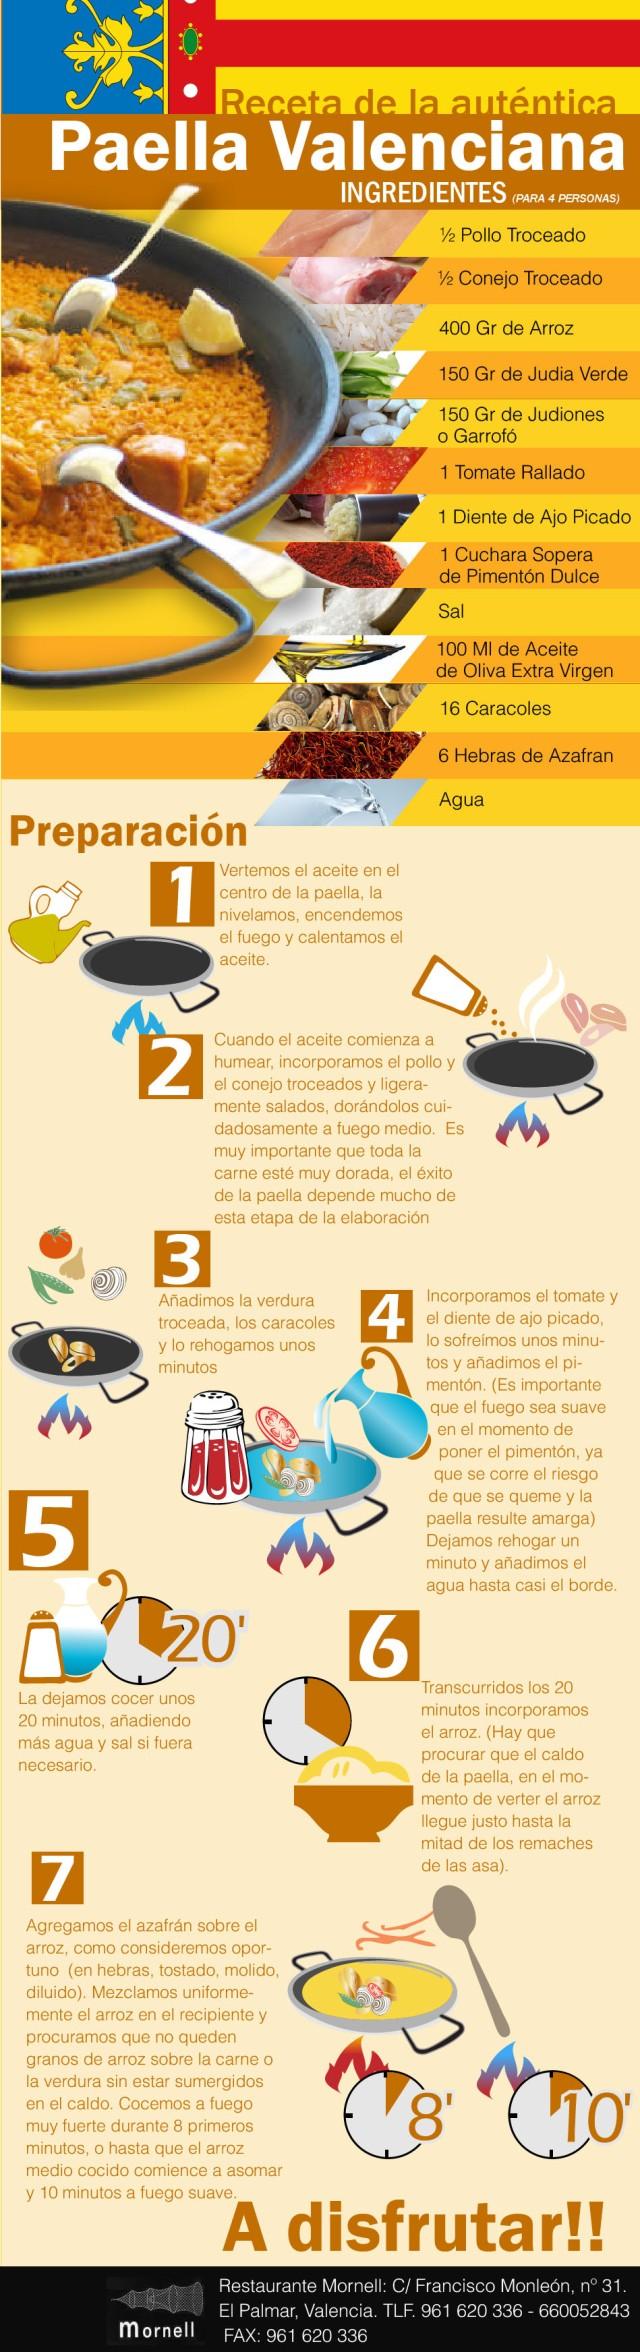 Paella Valencia: receta auténtica